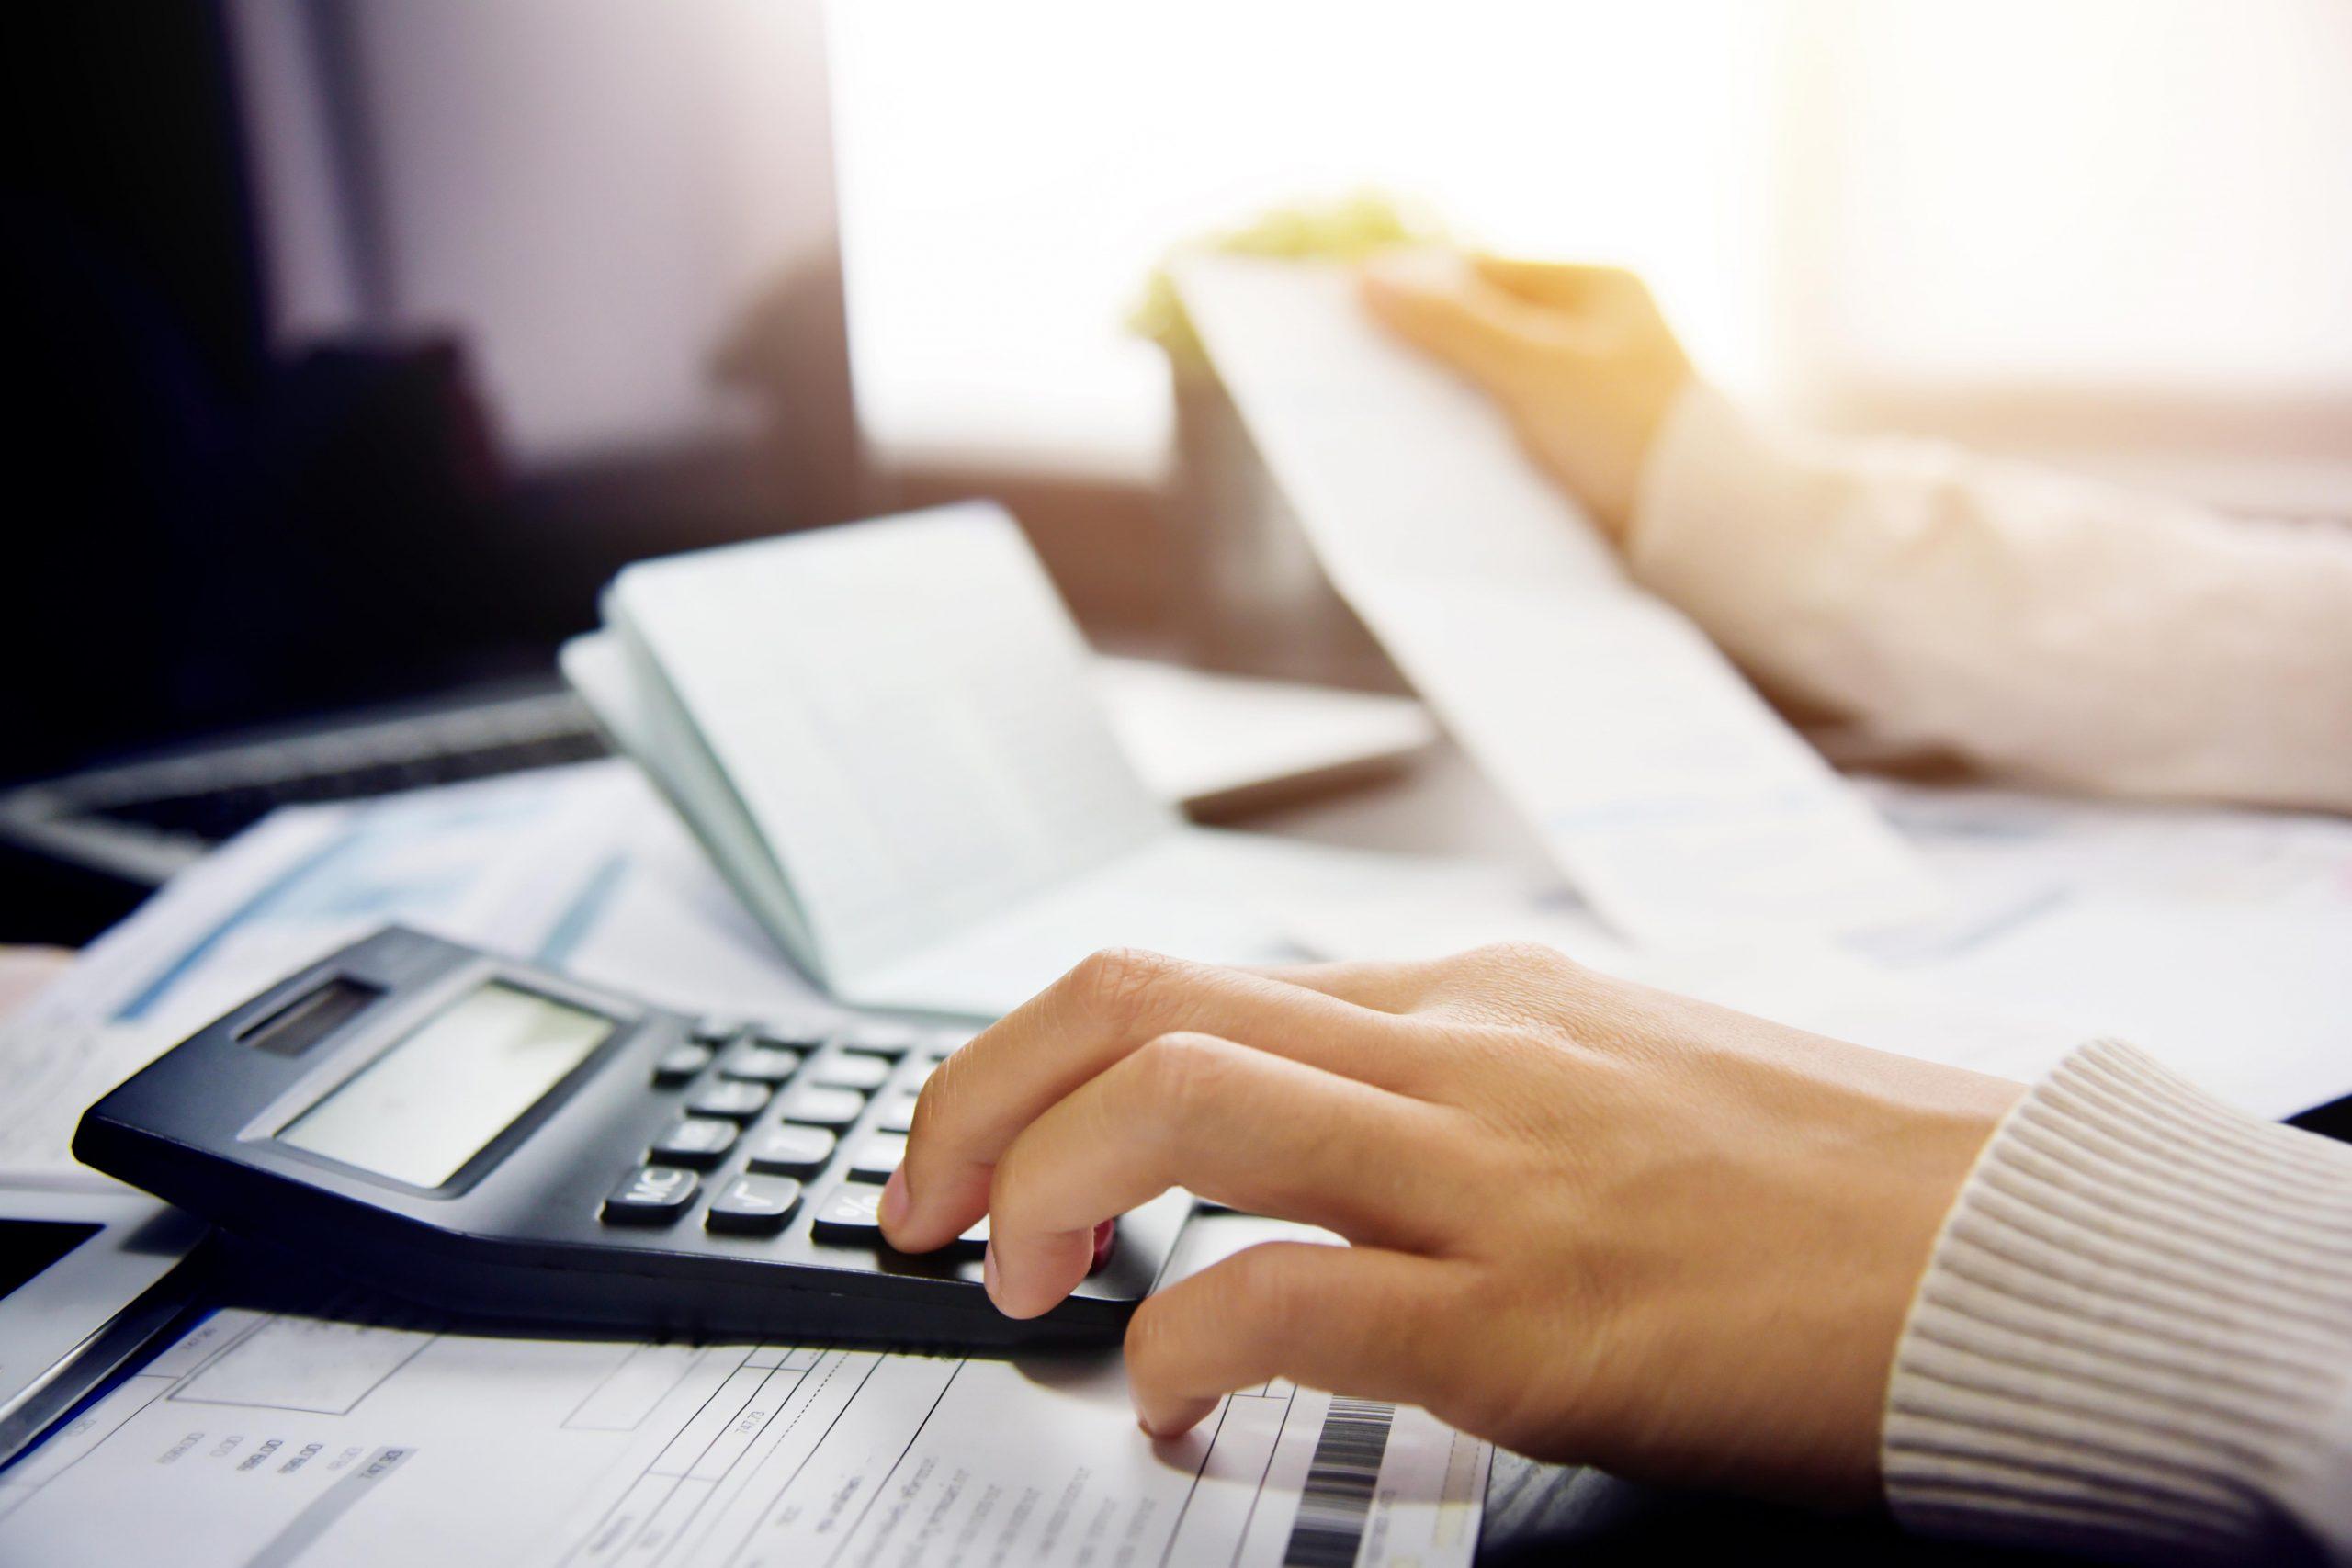 Reforma tributária: governo e Câmara fecham acordo para fatiar análise em quatro partes